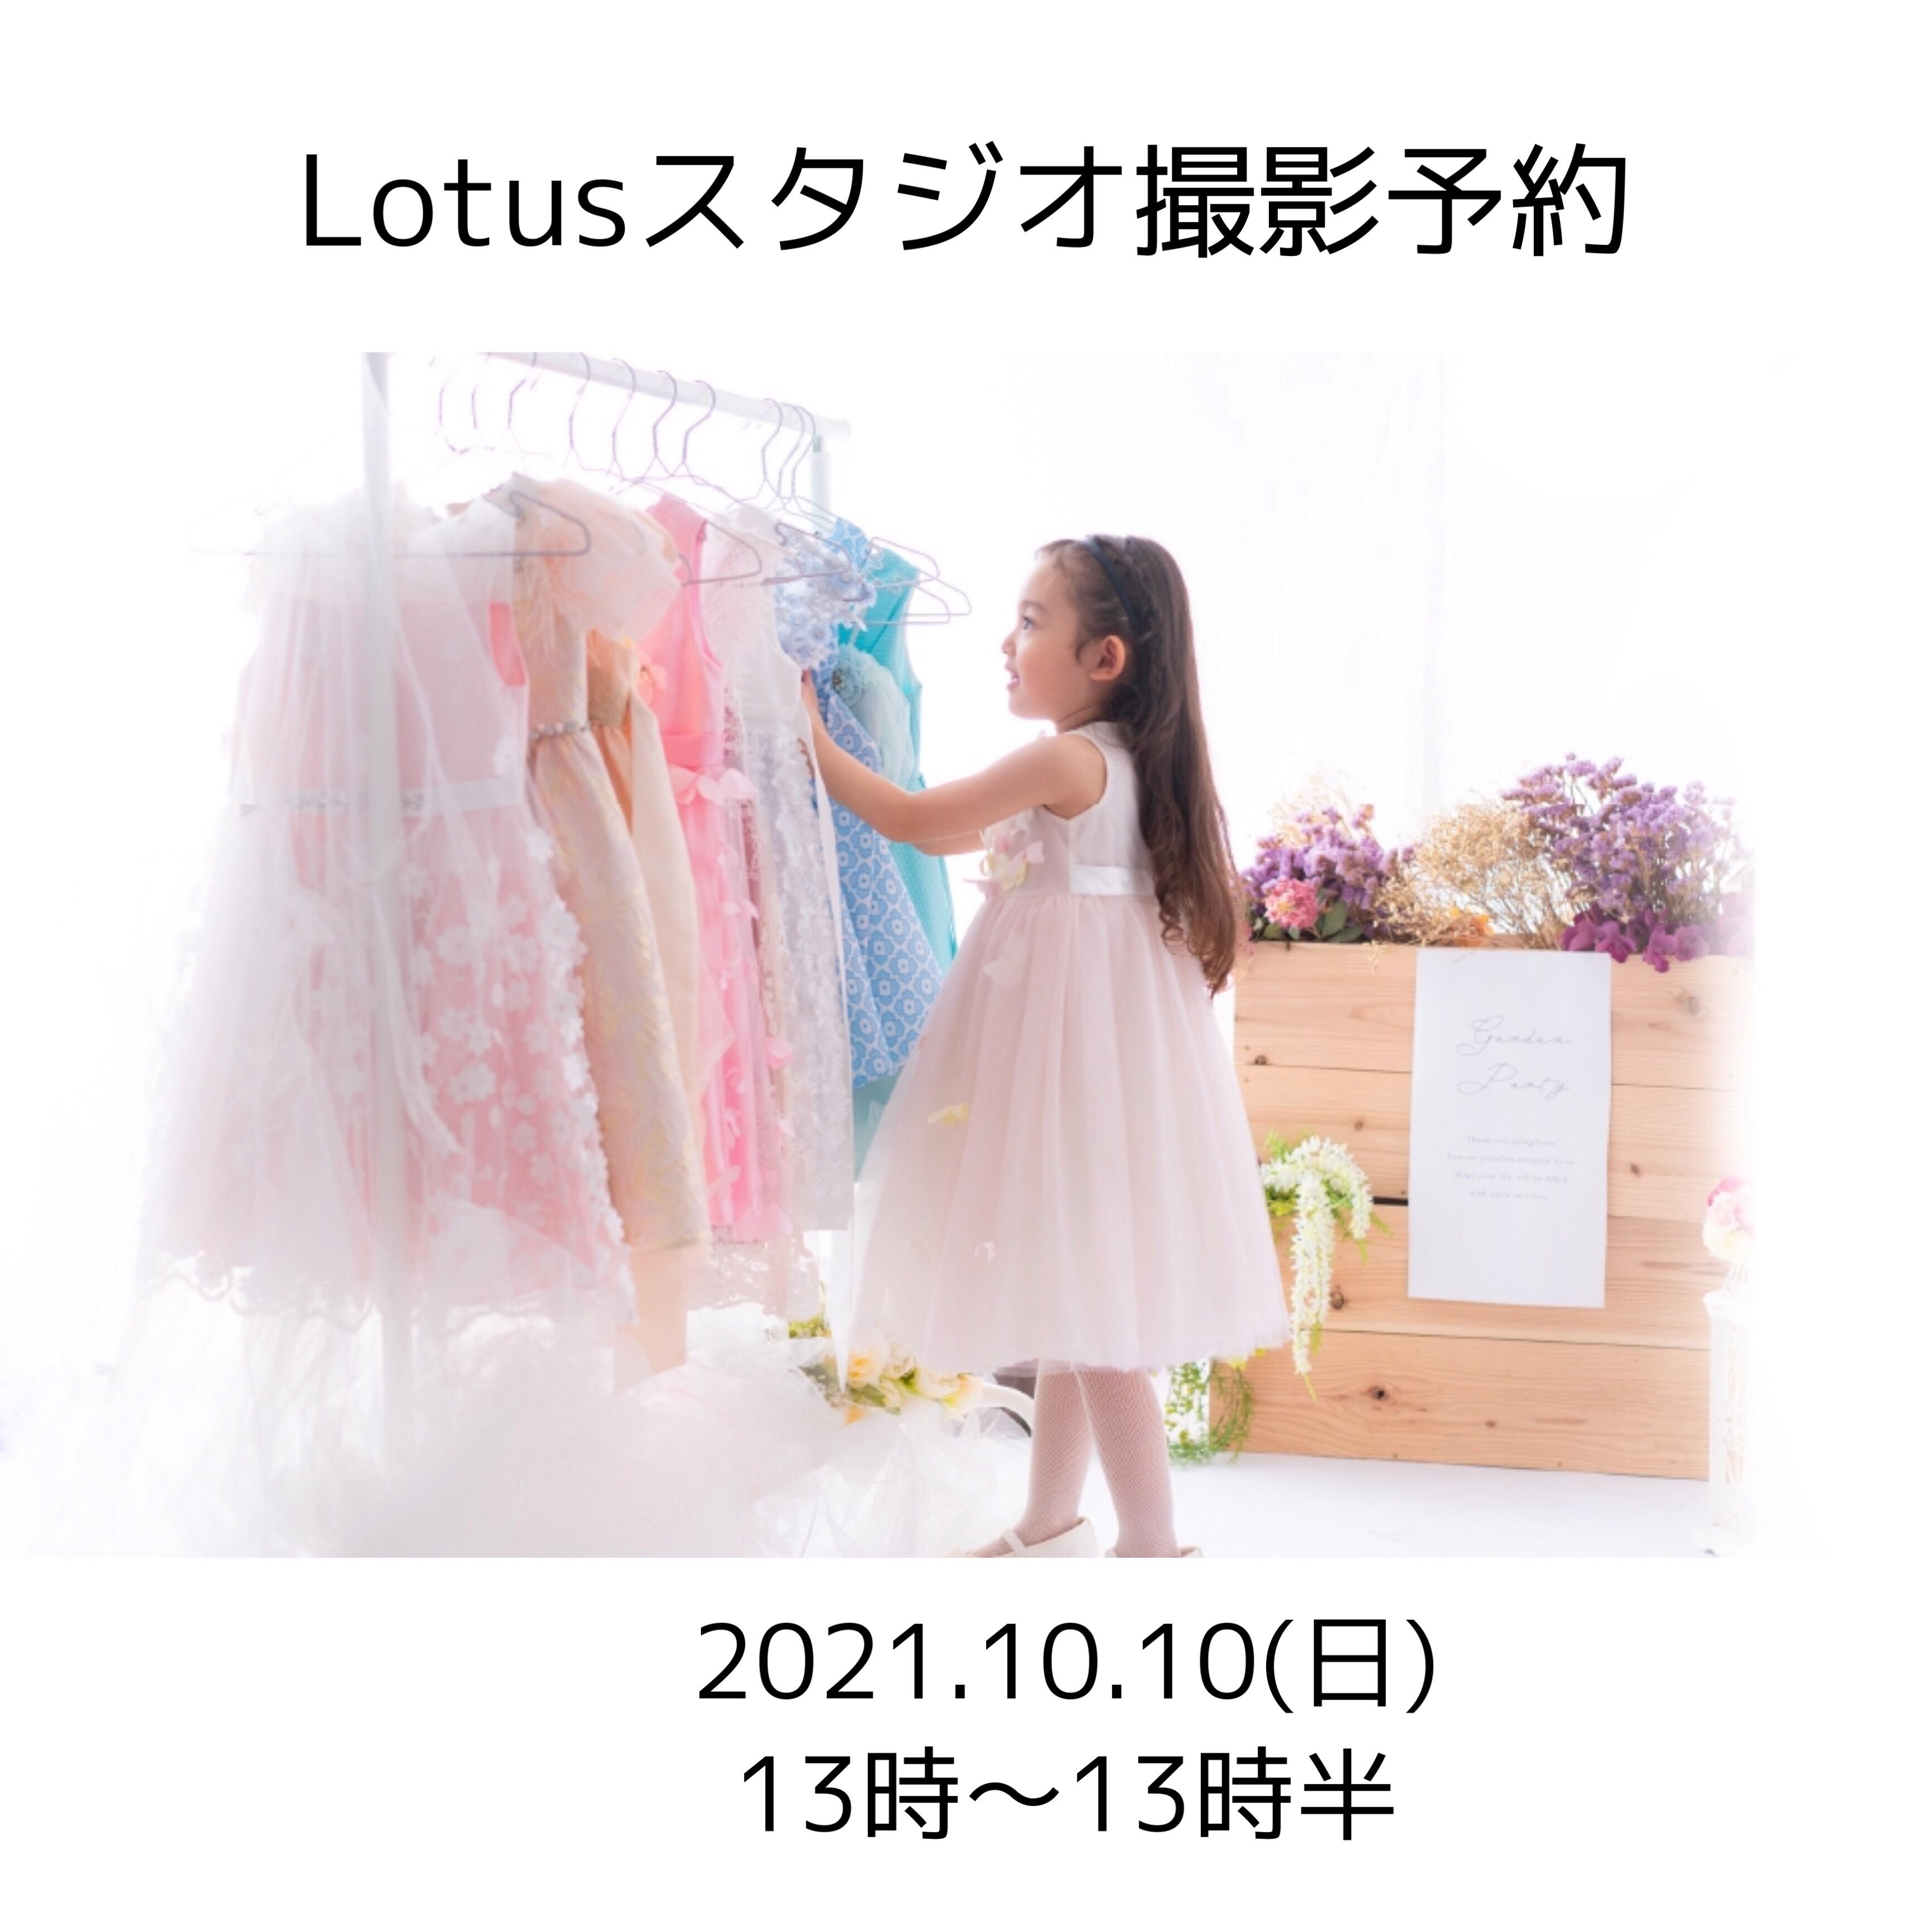 スタジオLotus/GardenParty撮影プラン2021.10.10(日)13時~13時半